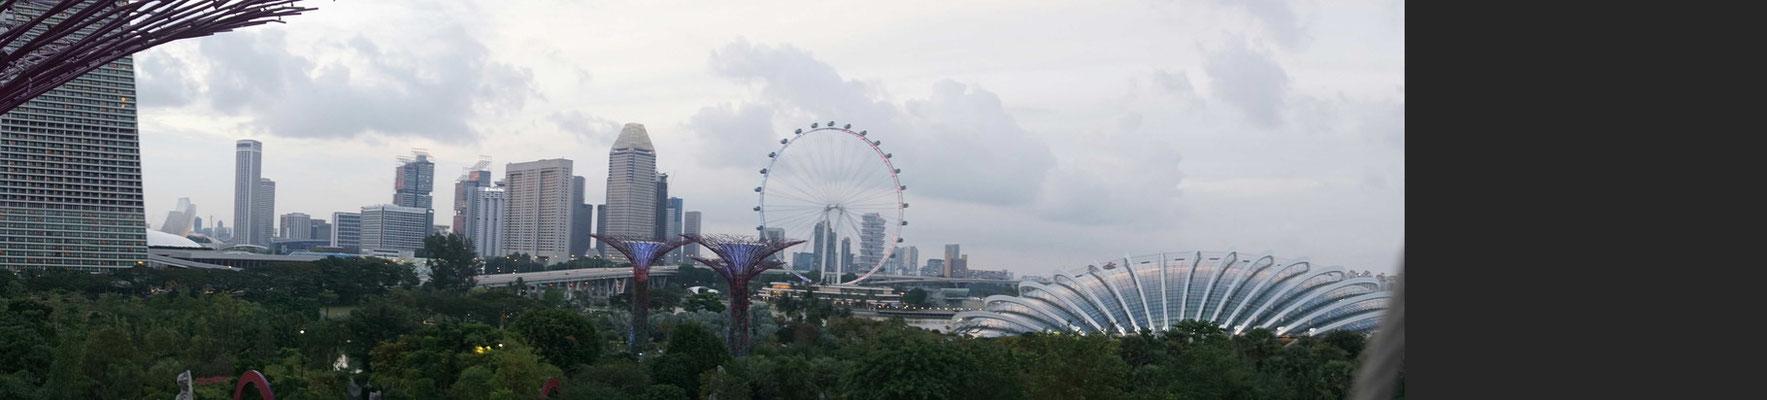 Singapur - Downtown - mit Singapur Flyer (Riesenrad)...